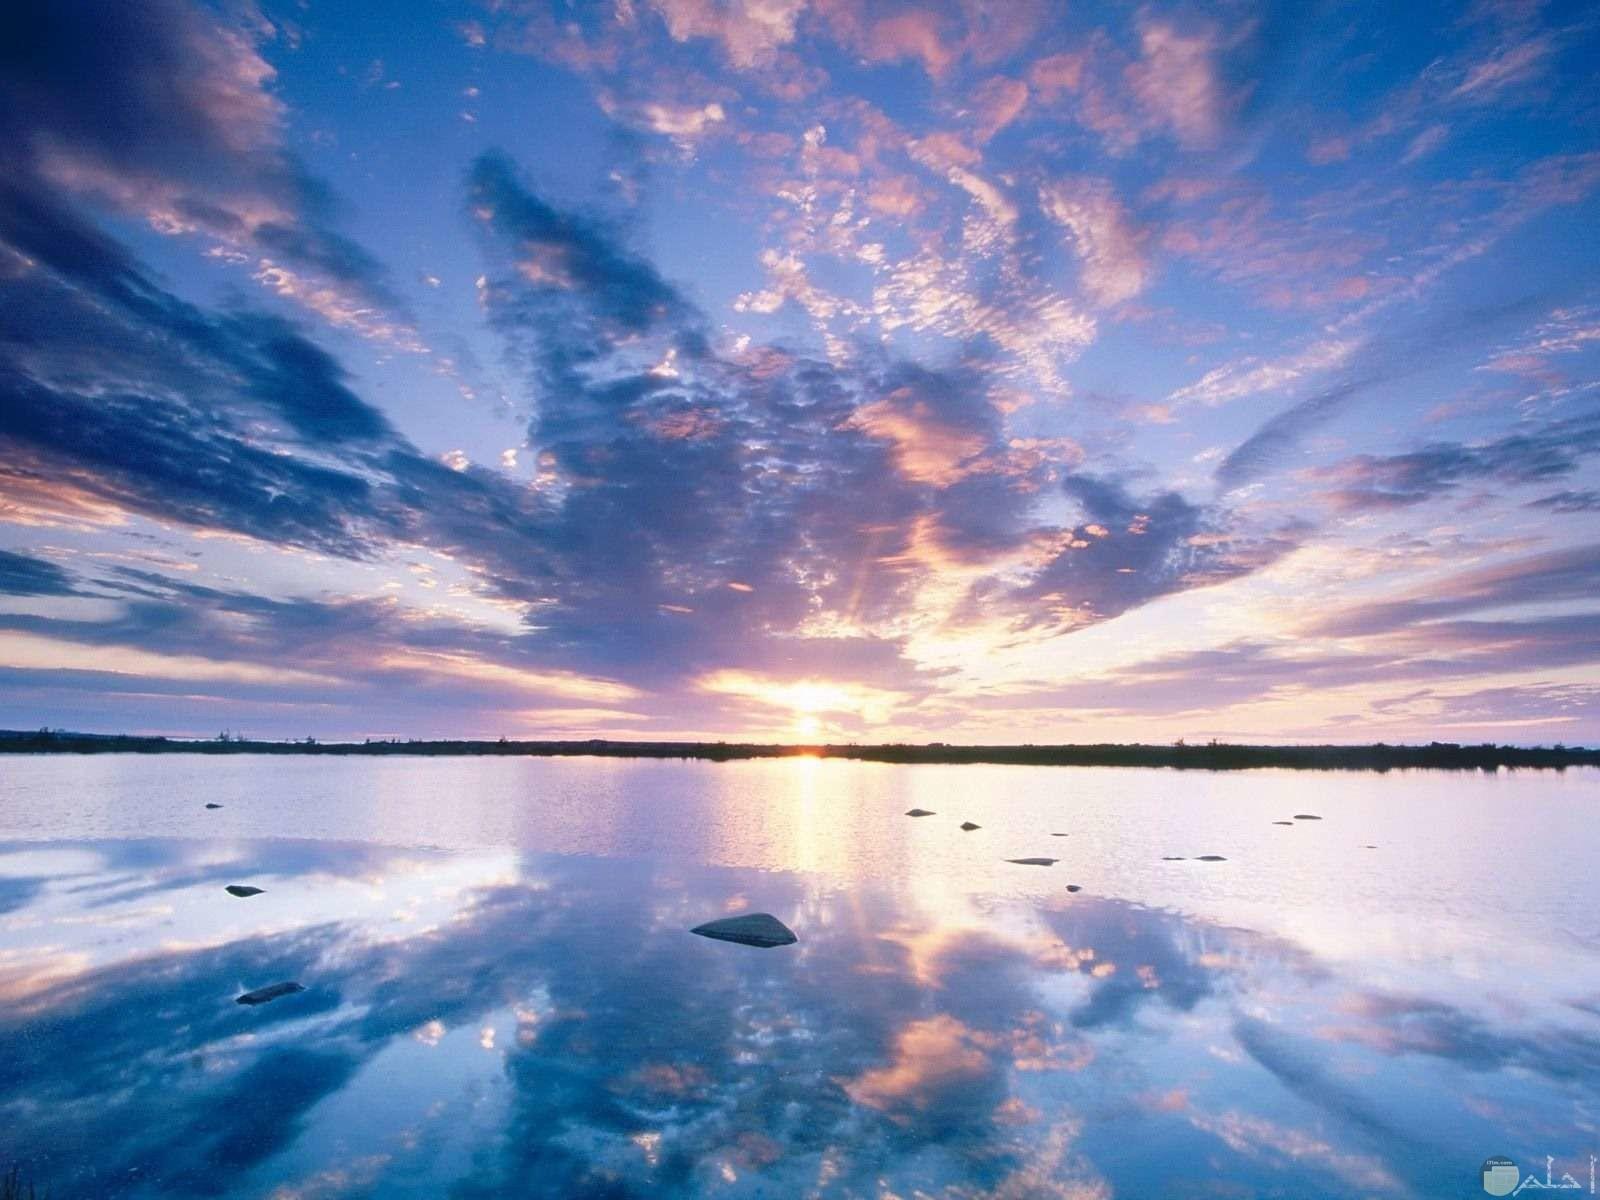 شروق الشمس من البحر مع الغيوم.